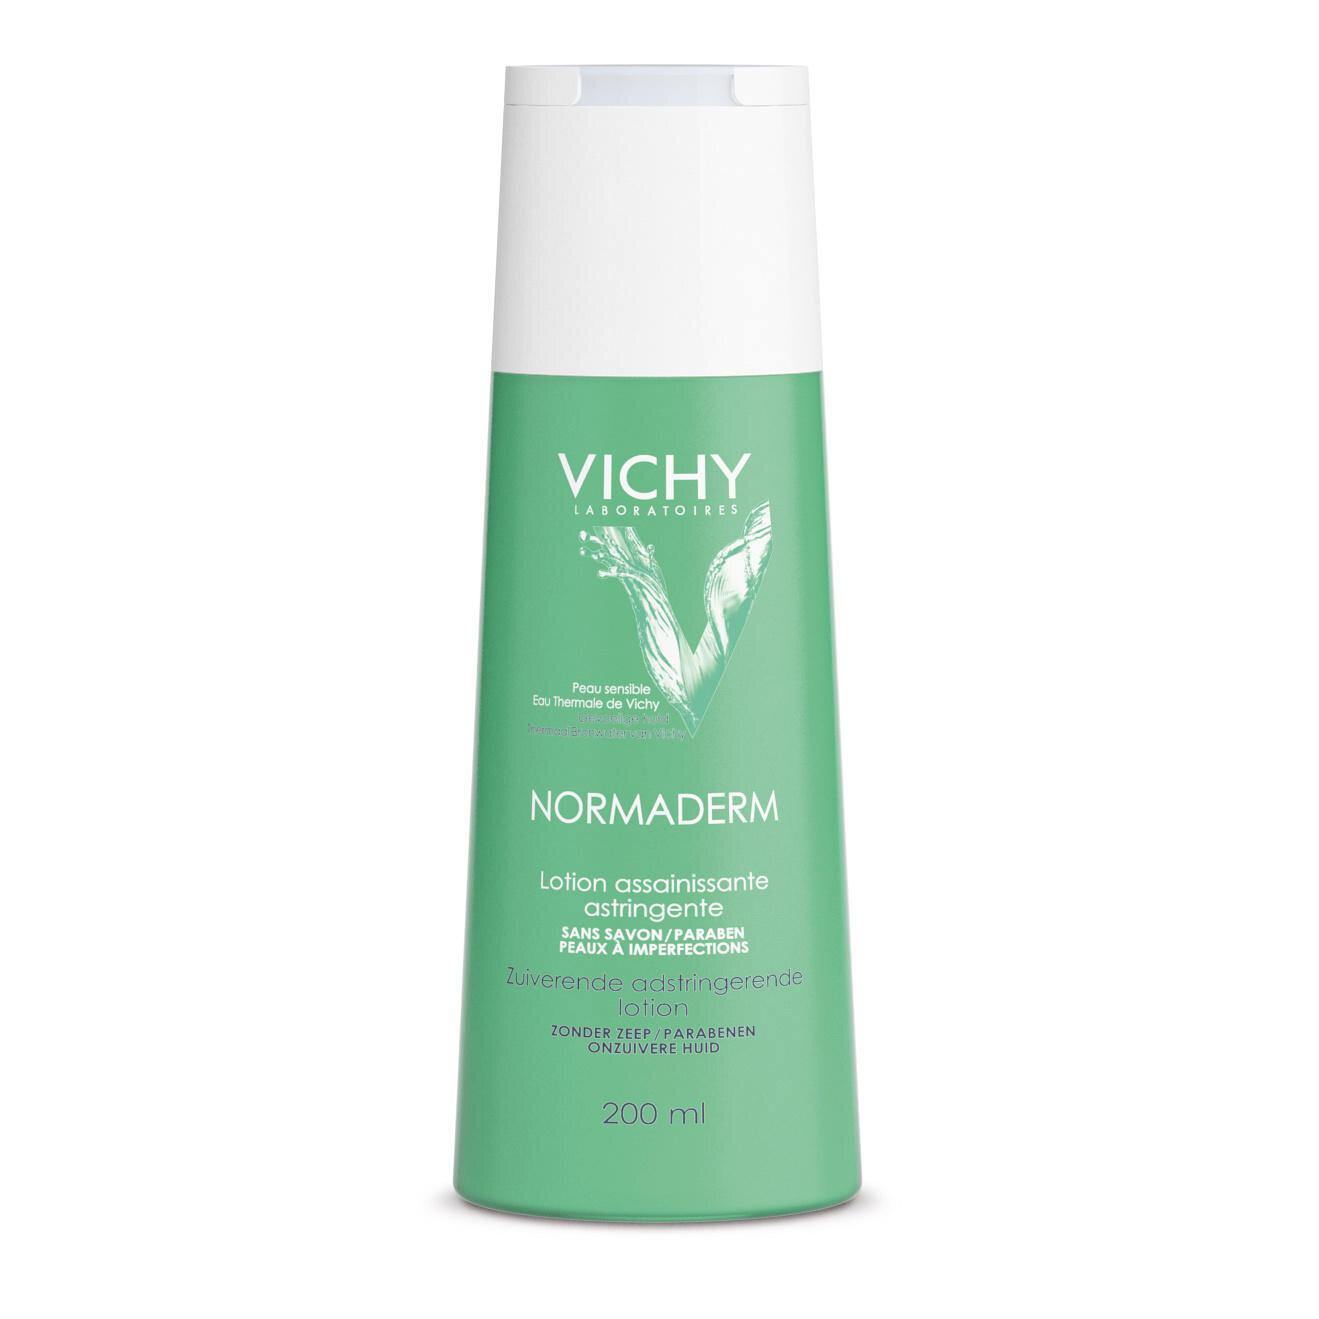 Nước cân bằng làm mềm da, sát khuẩn và se khít lỗ chân lông Vichy Normaderm Purifying Pore Tightening Toner